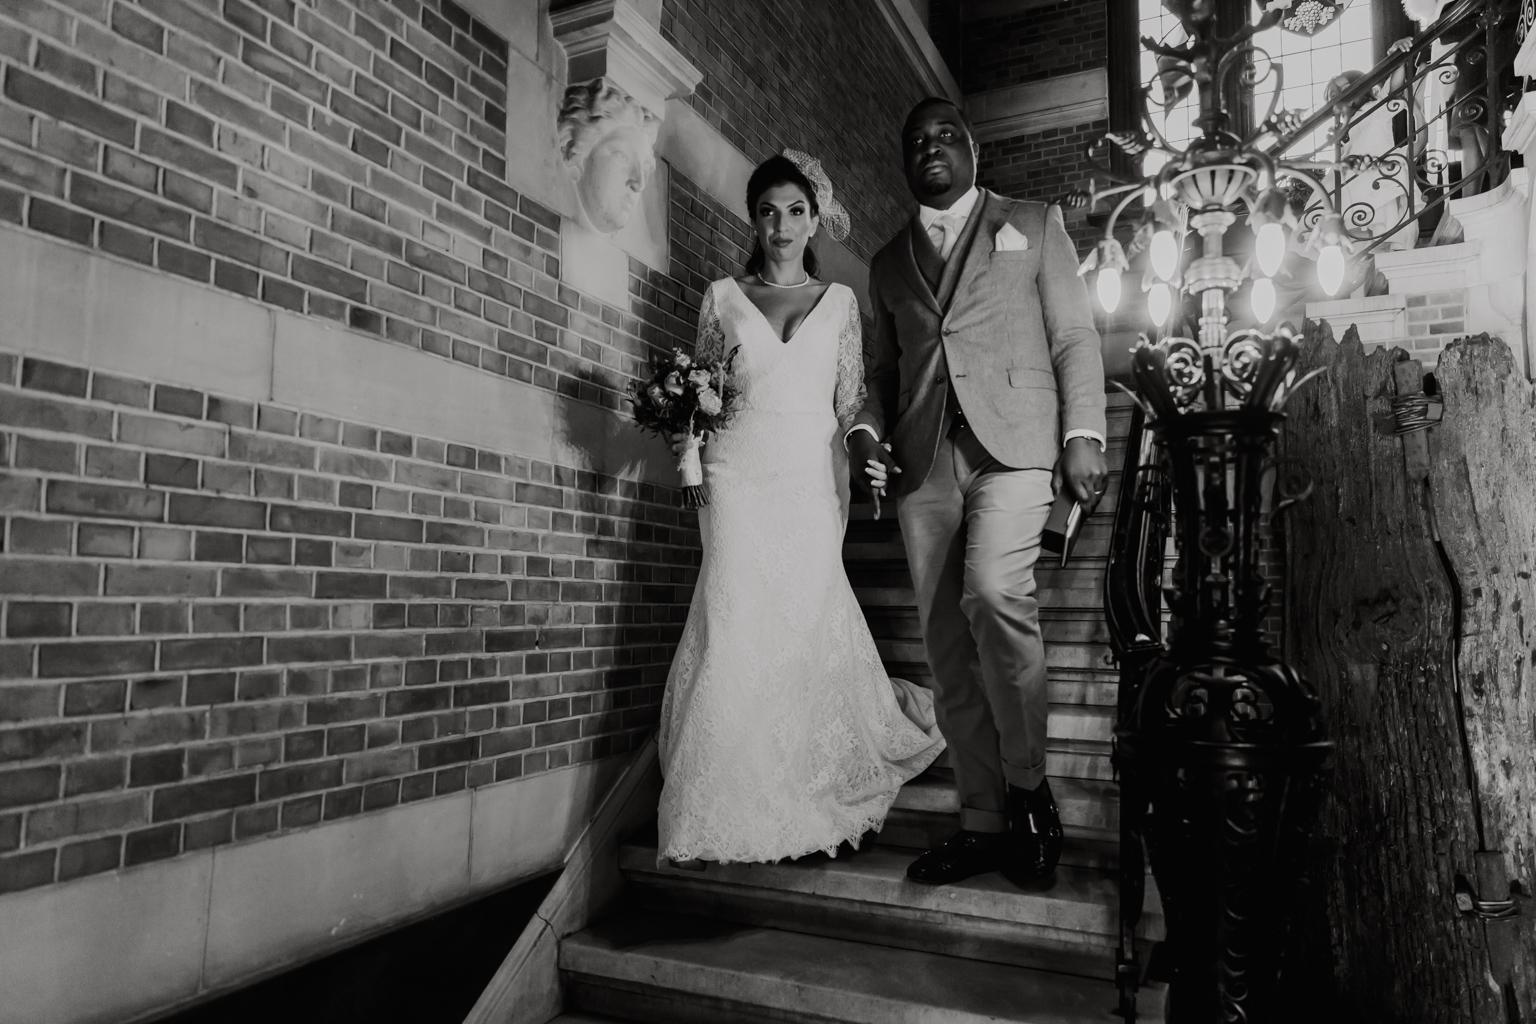 huwelijksfotografie_antwerpen_roxannedanckers-62.jpg